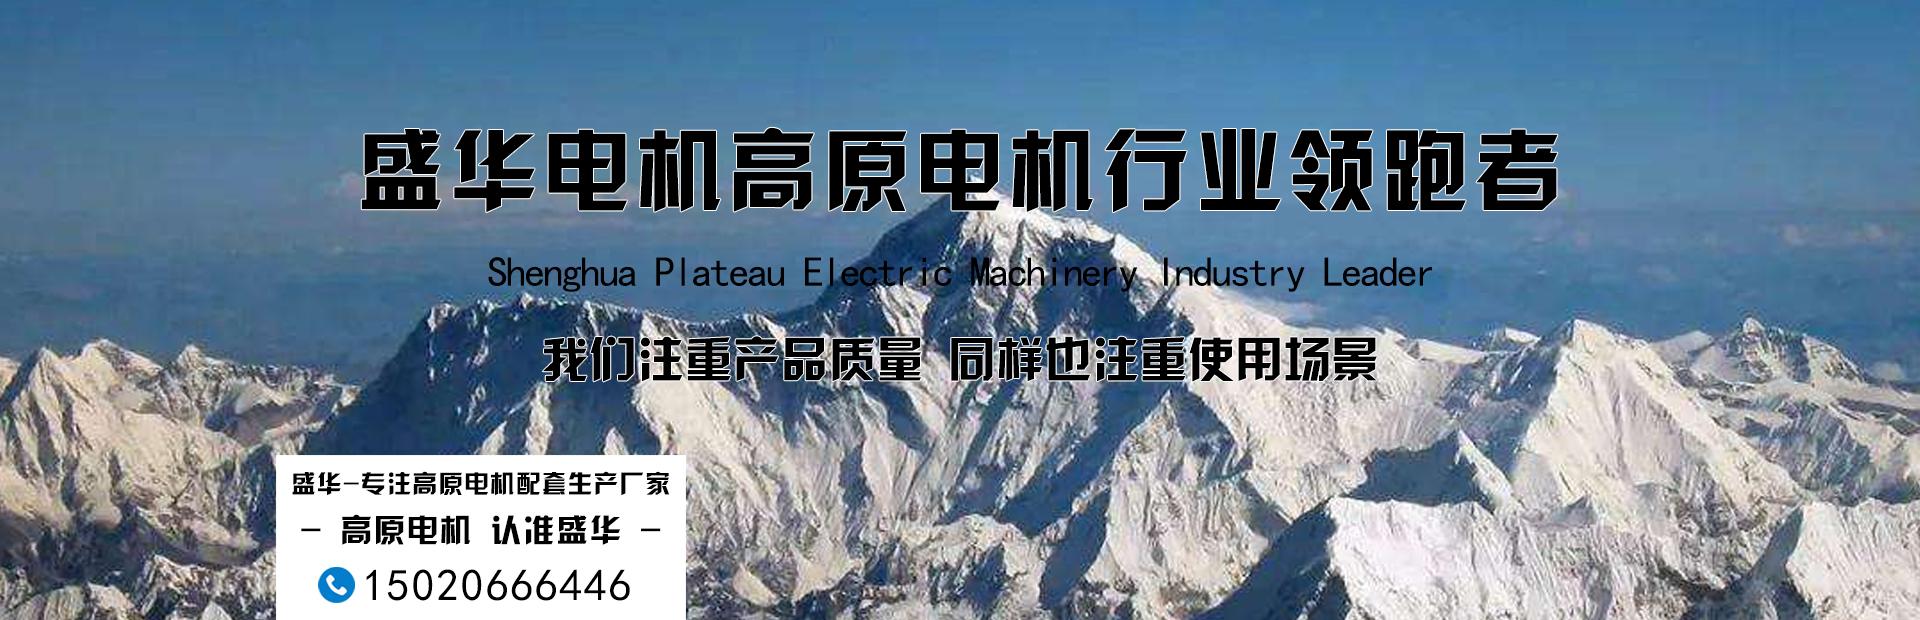 山东高原电机厂-专注高原电机生产十九年